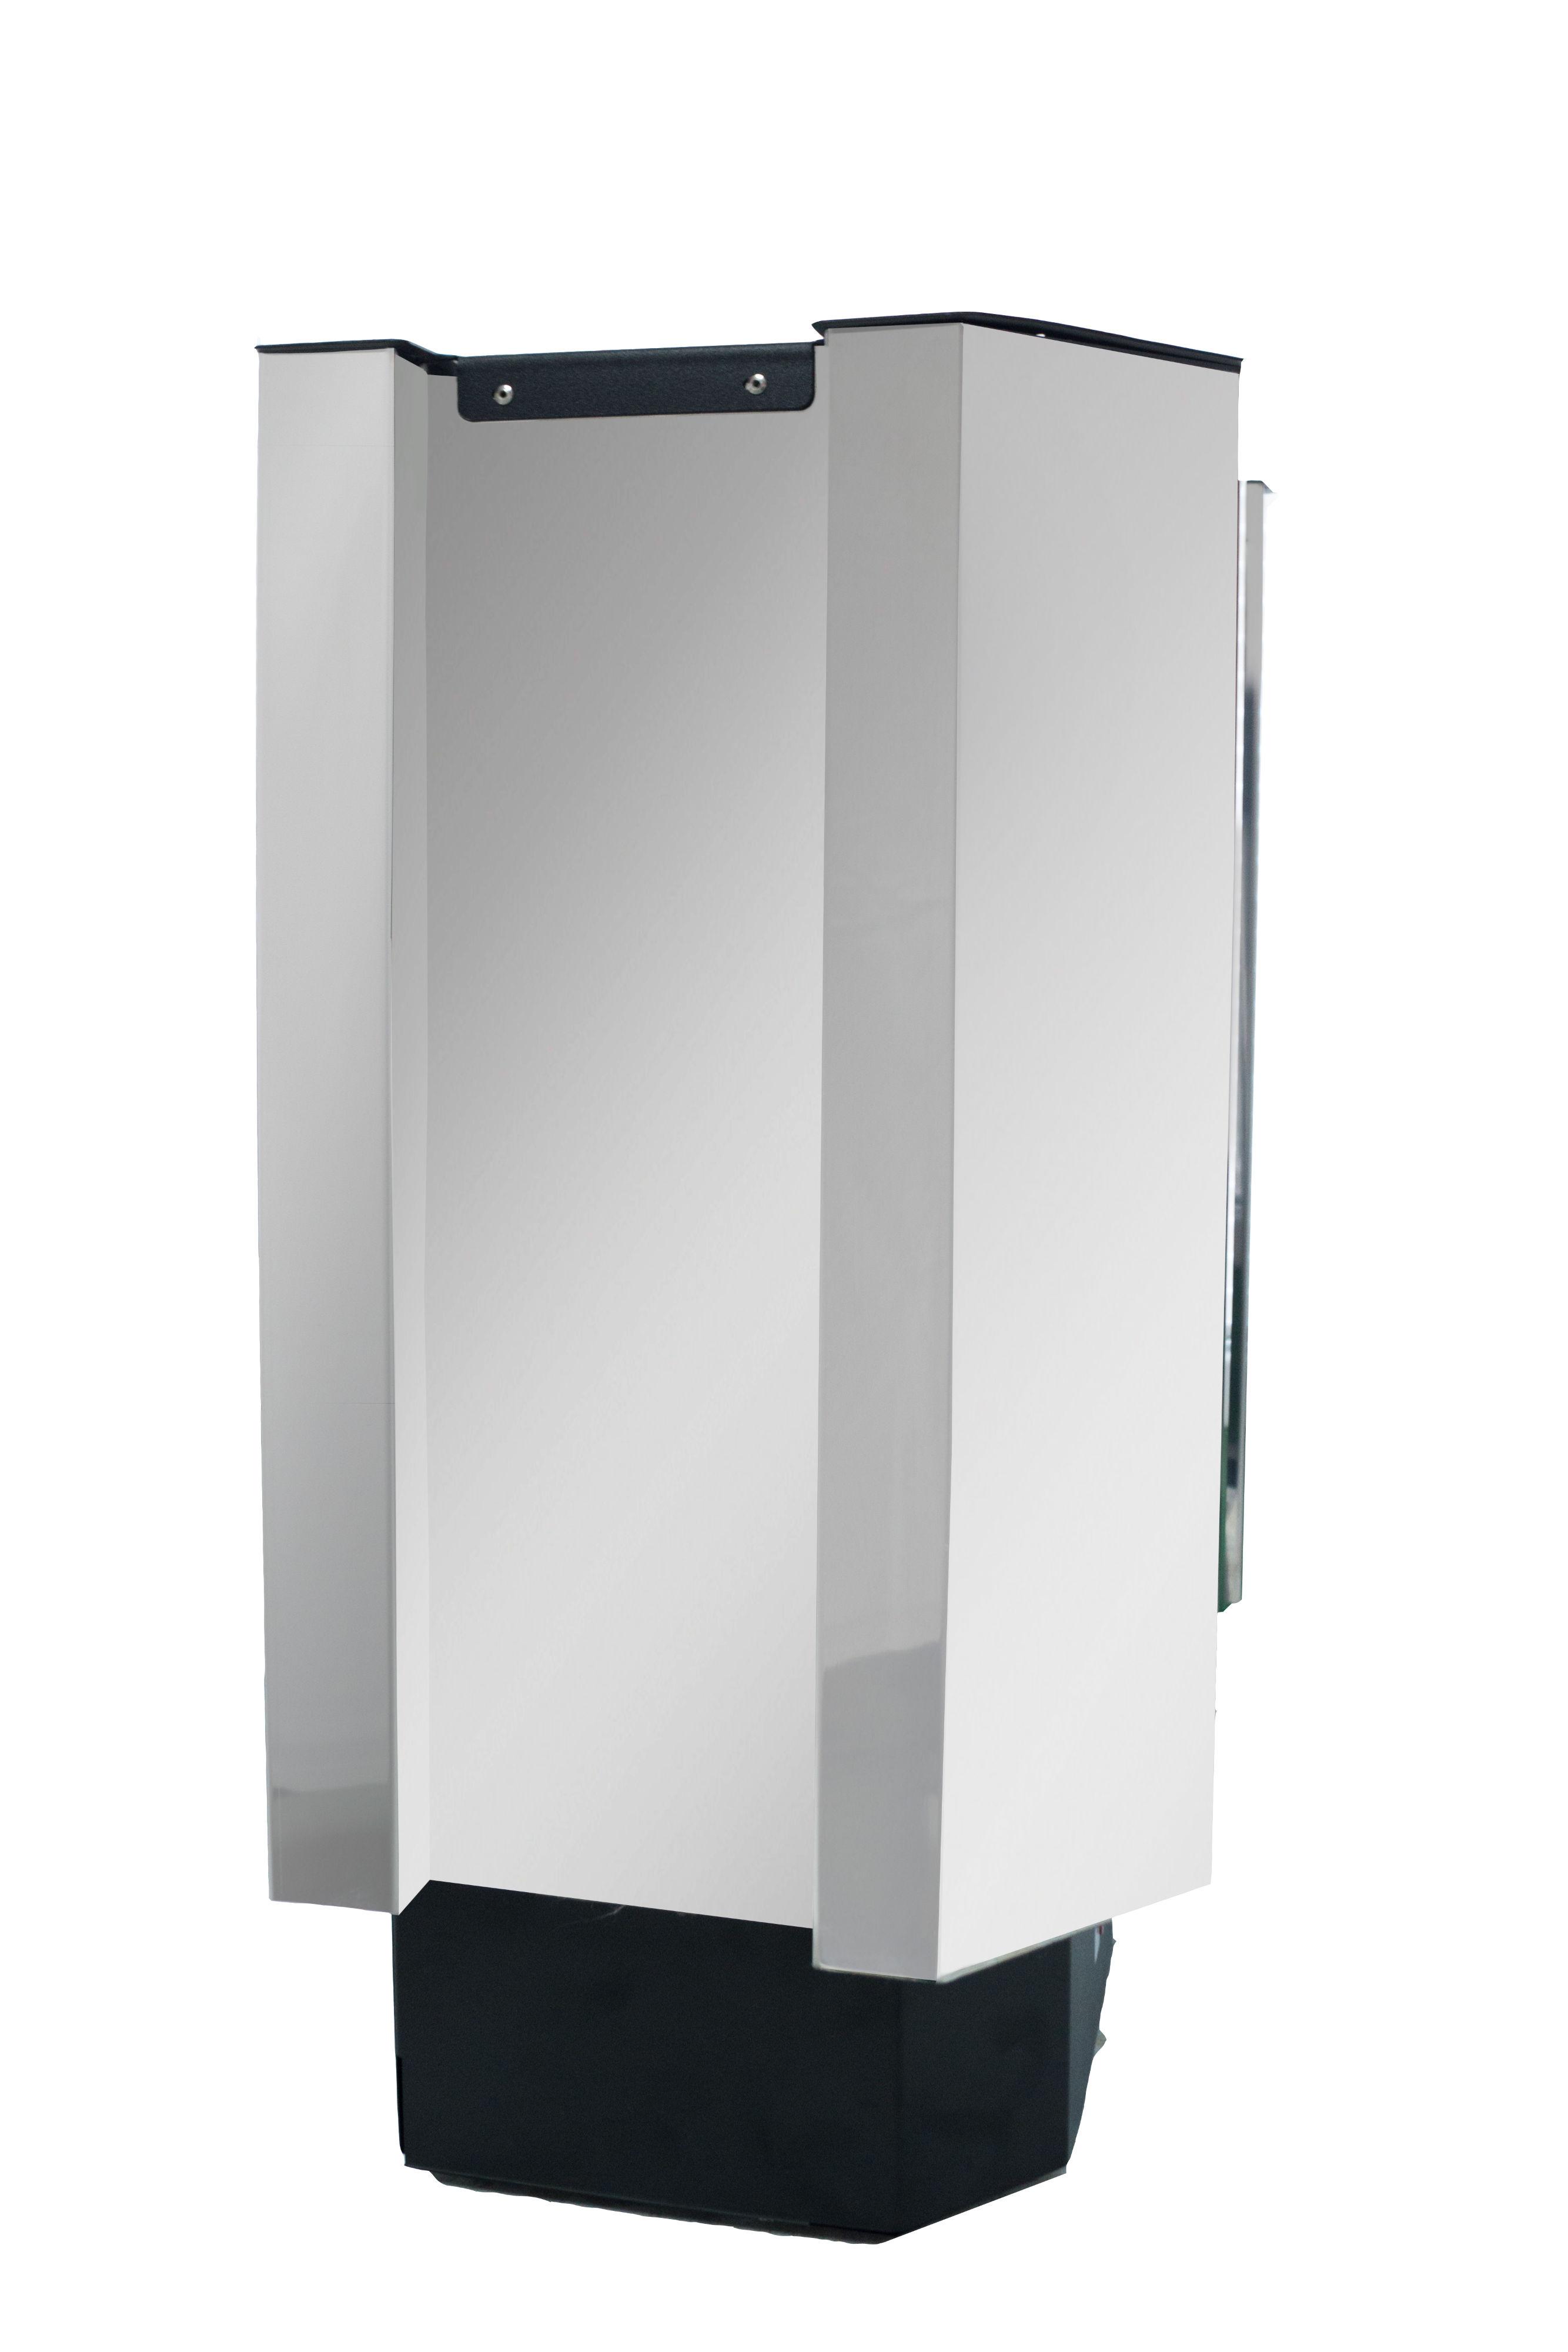 Электрокаменка Титания ЭКМ 18 кВт